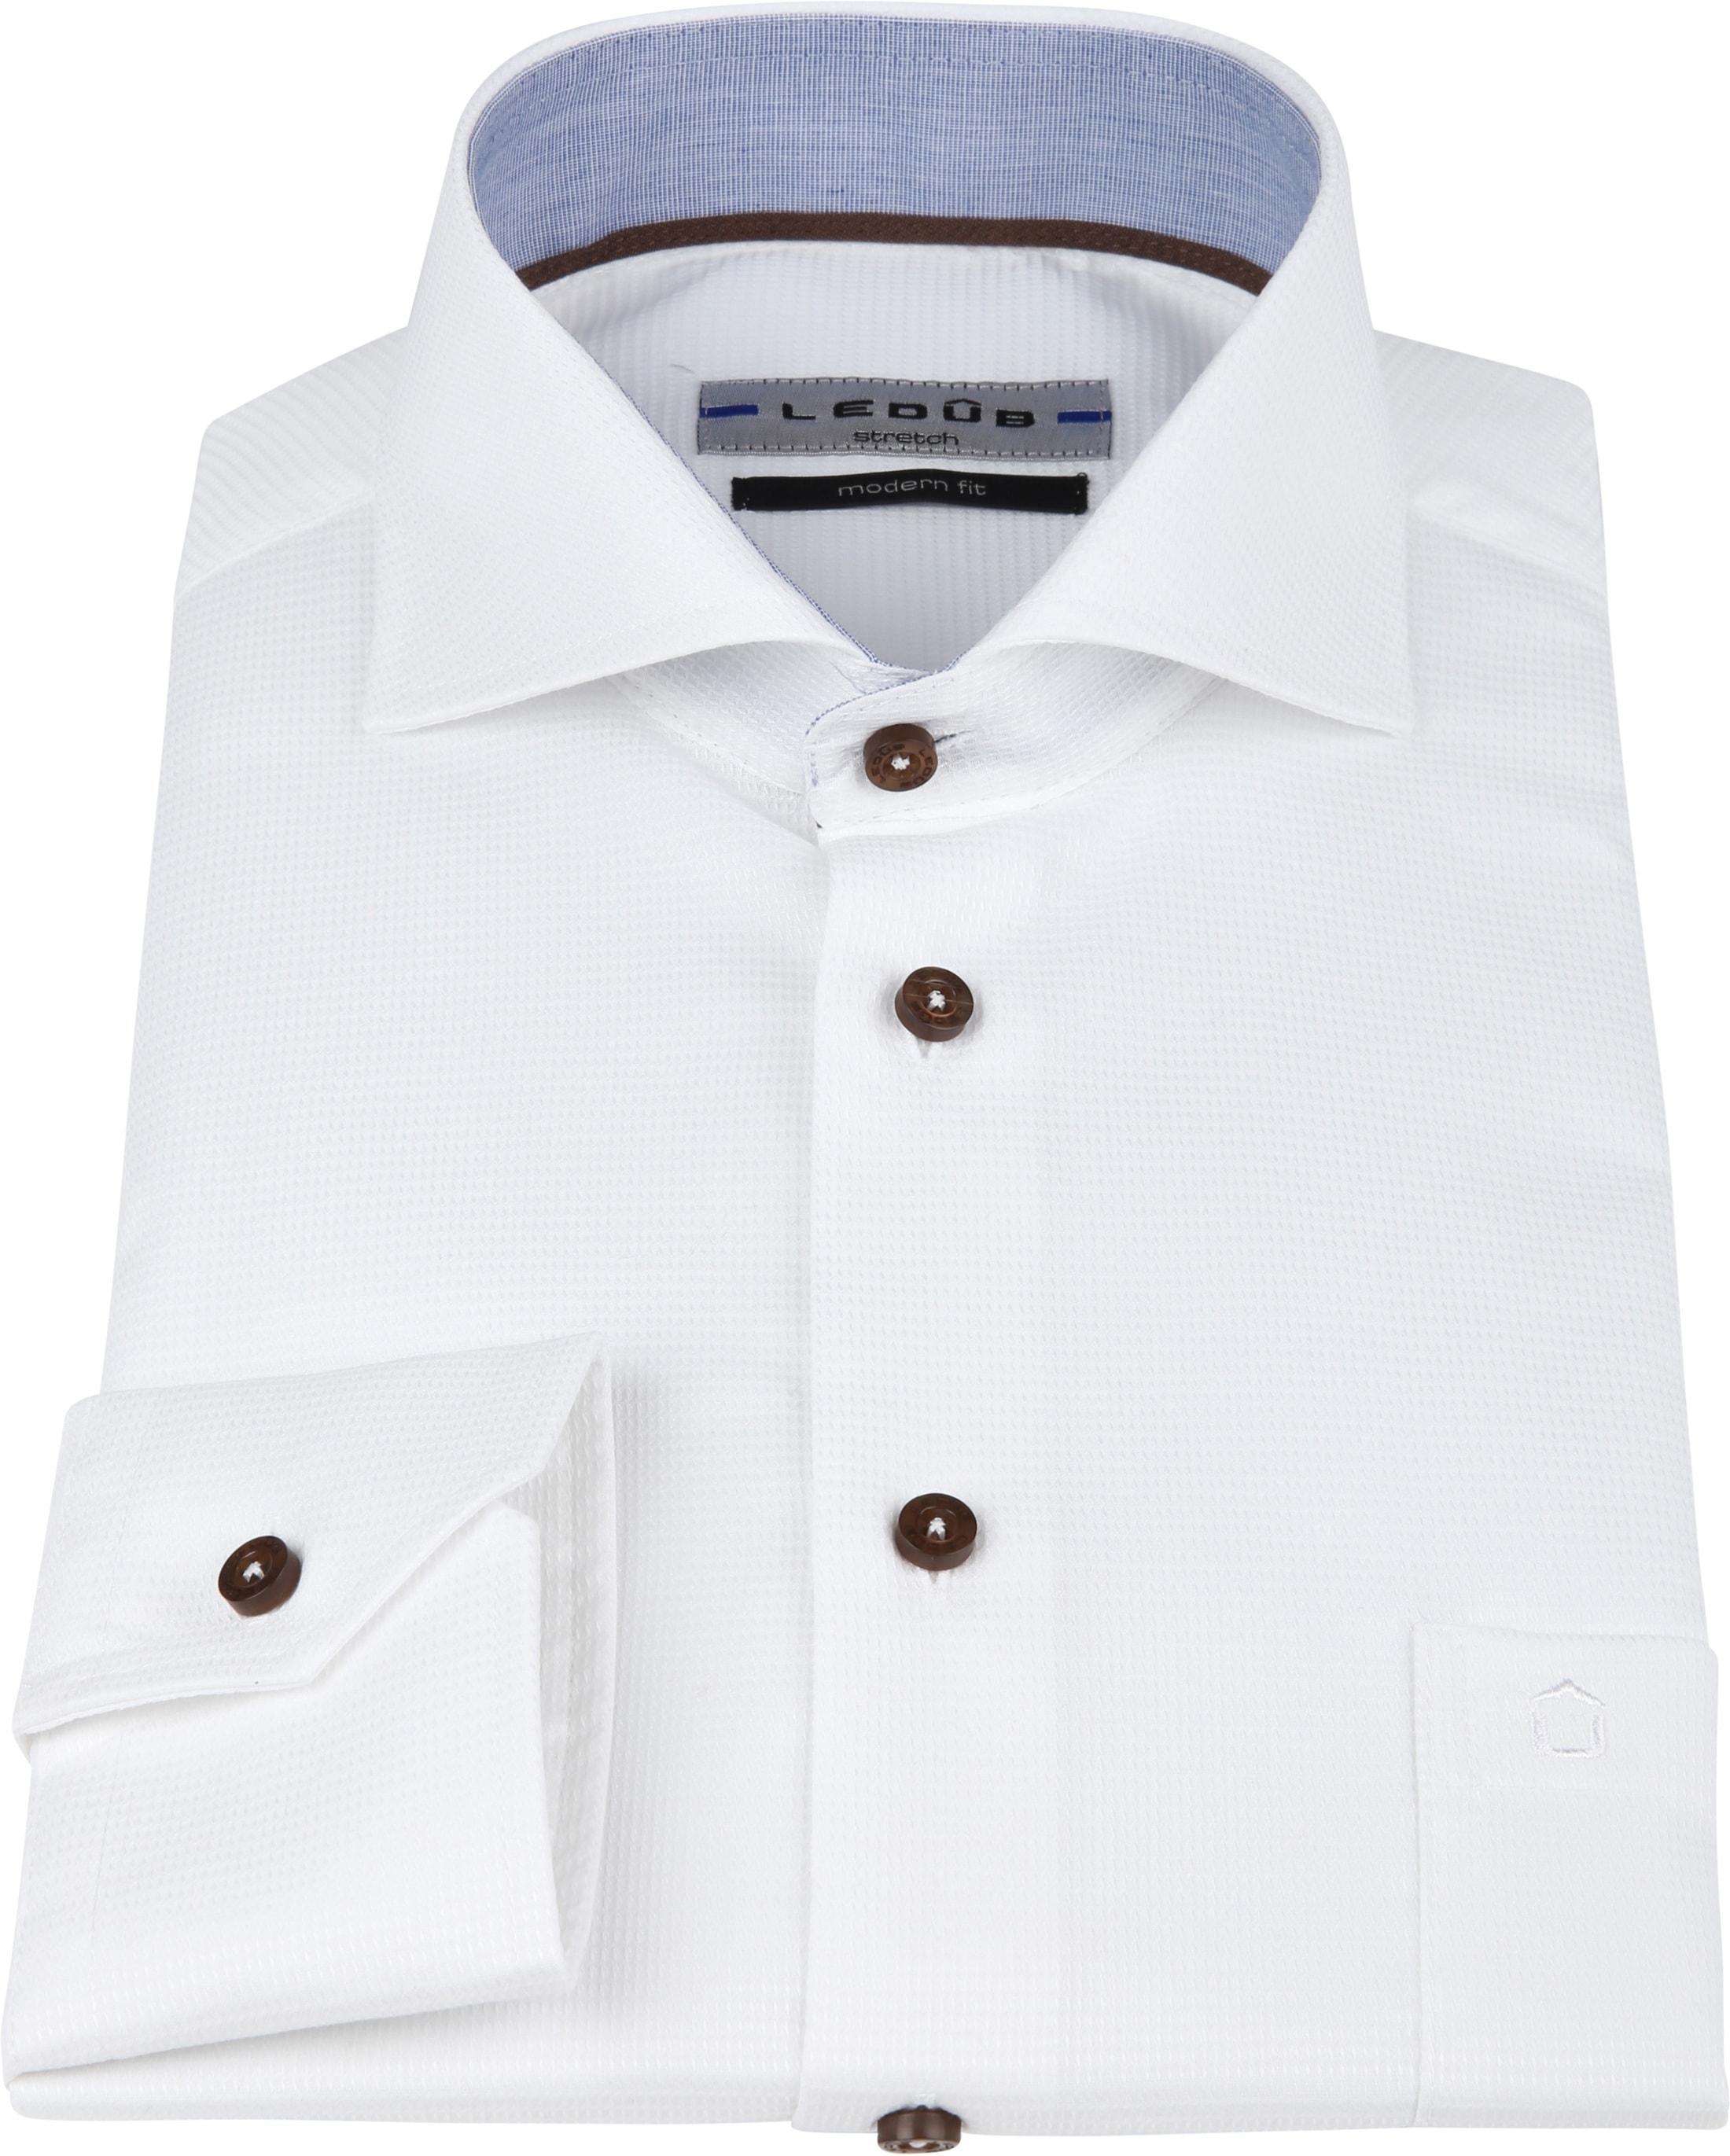 Ledub Shirt White MF foto 2